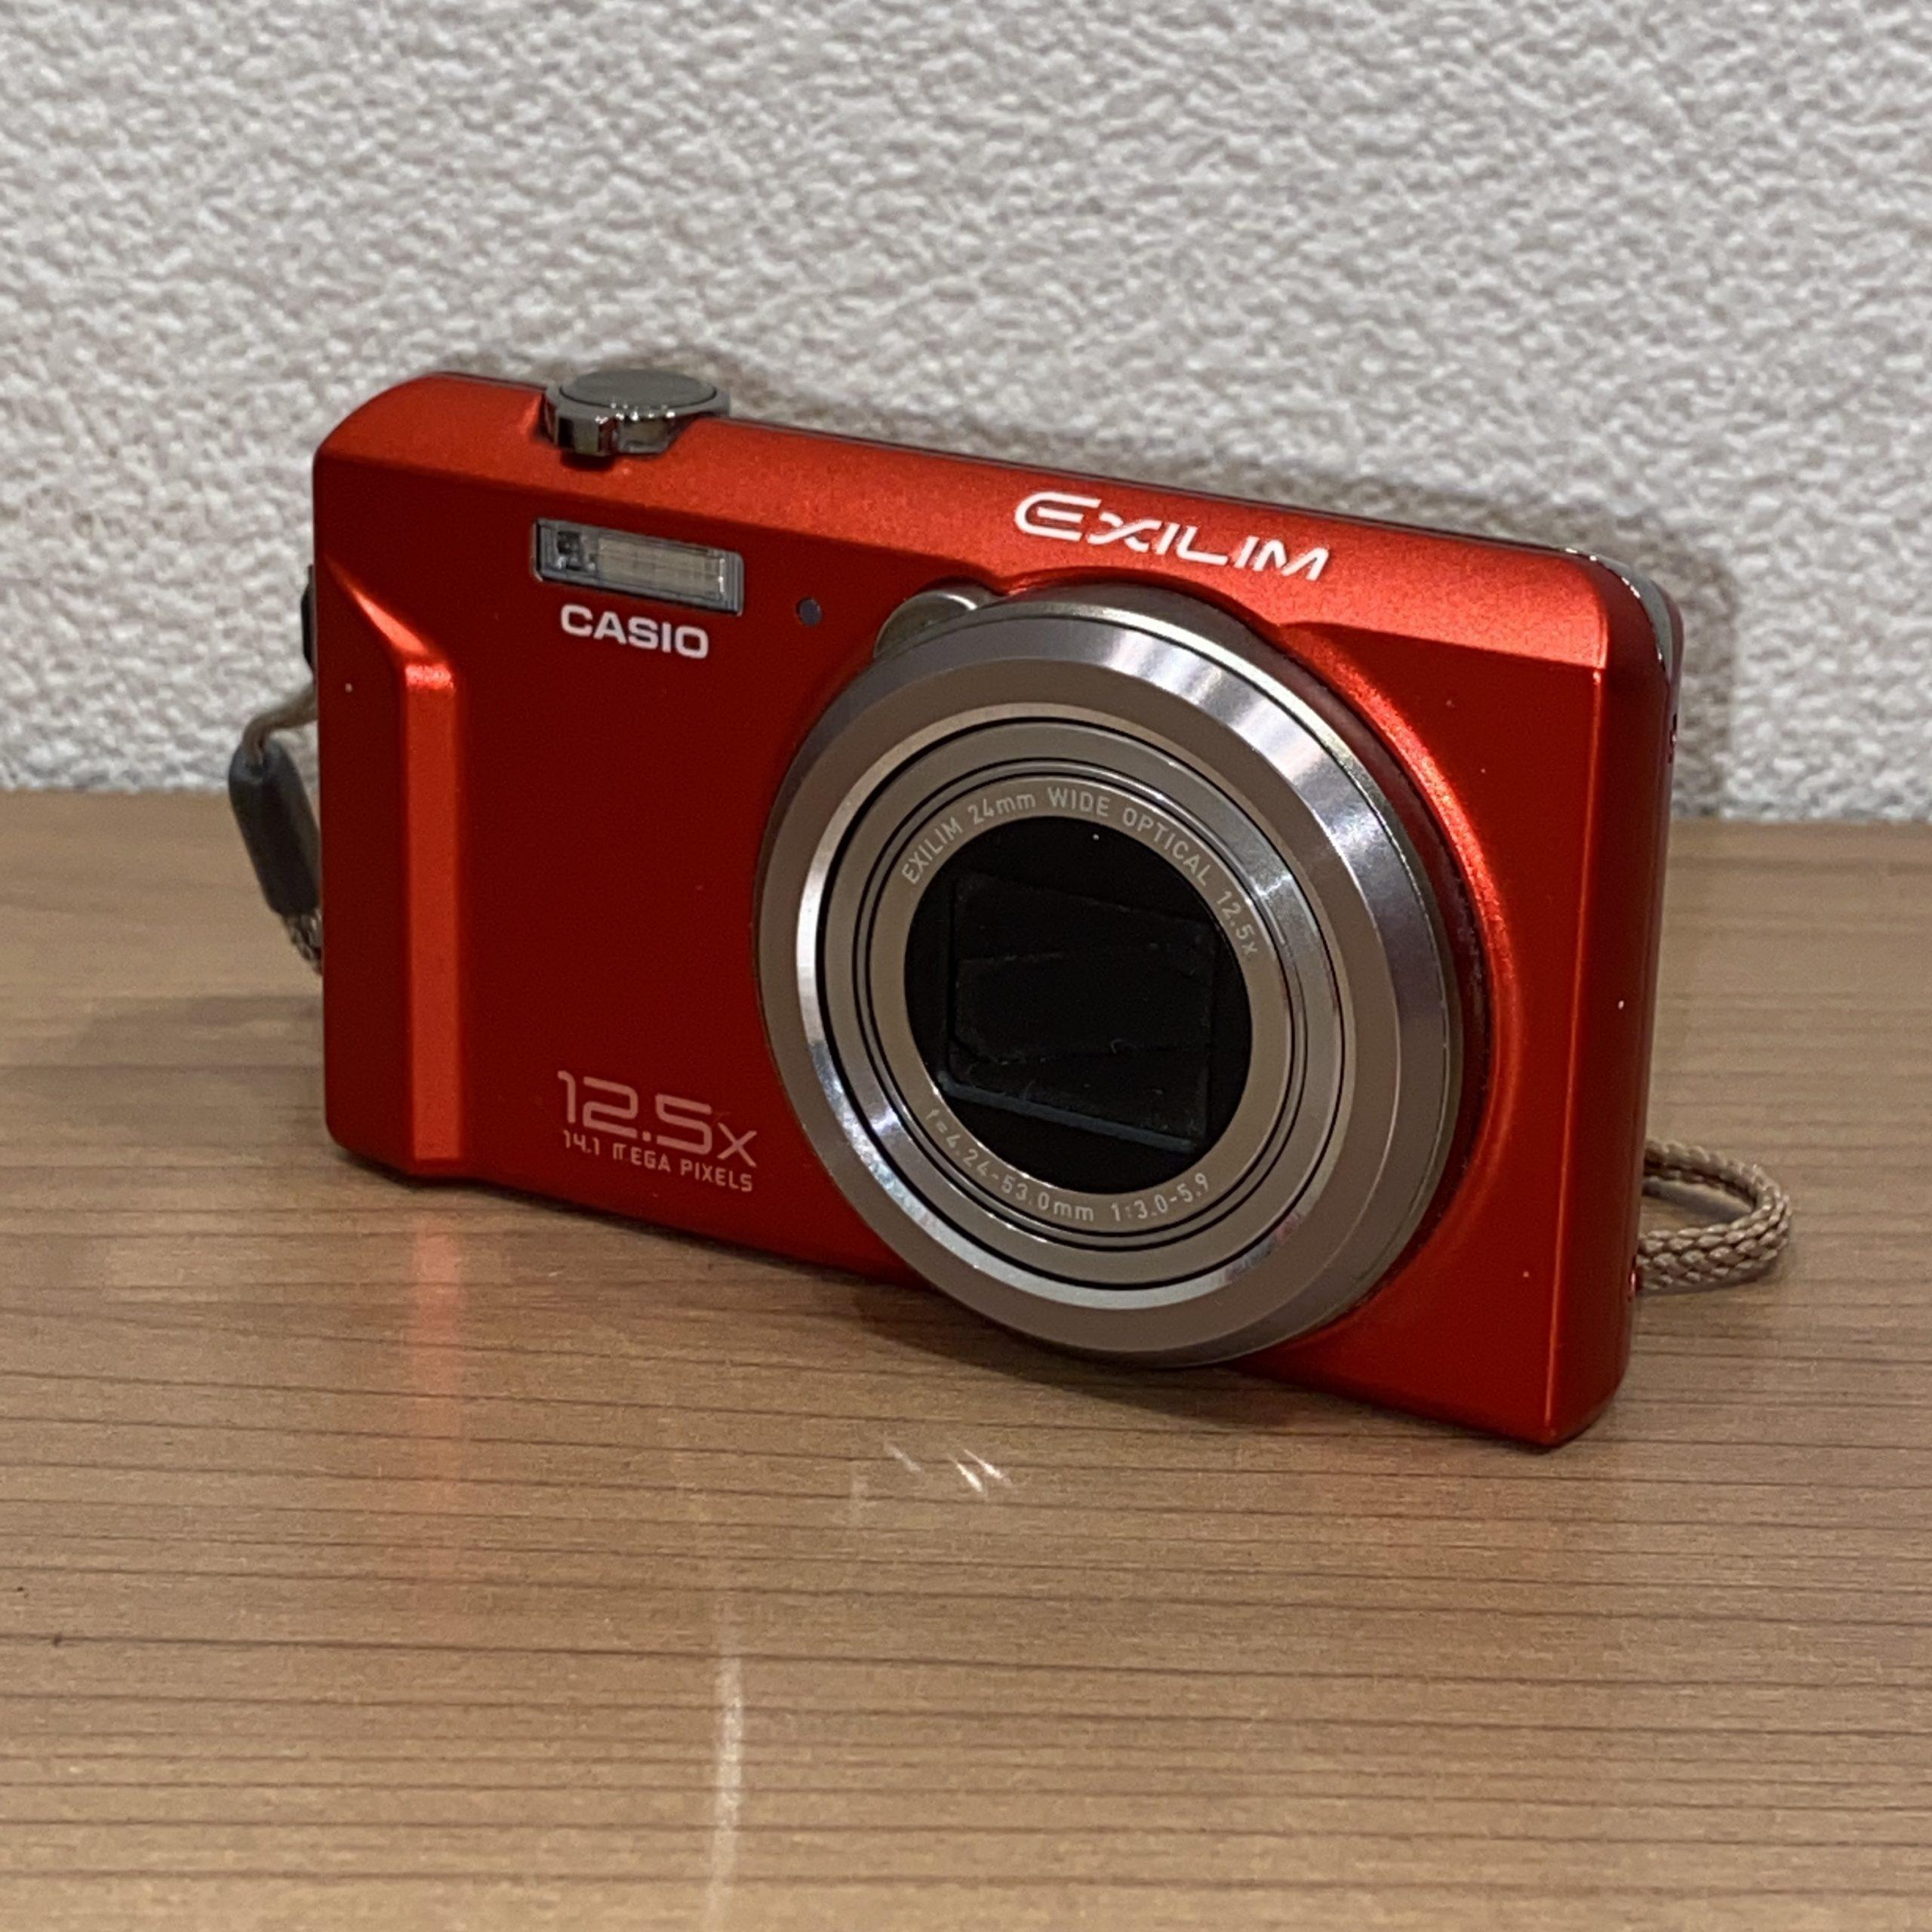 【CASIO/カシオ】EXILIM/エクシリム EX-ZS100 コンパクトデジタルカメラ(デジカメ) レッド/赤